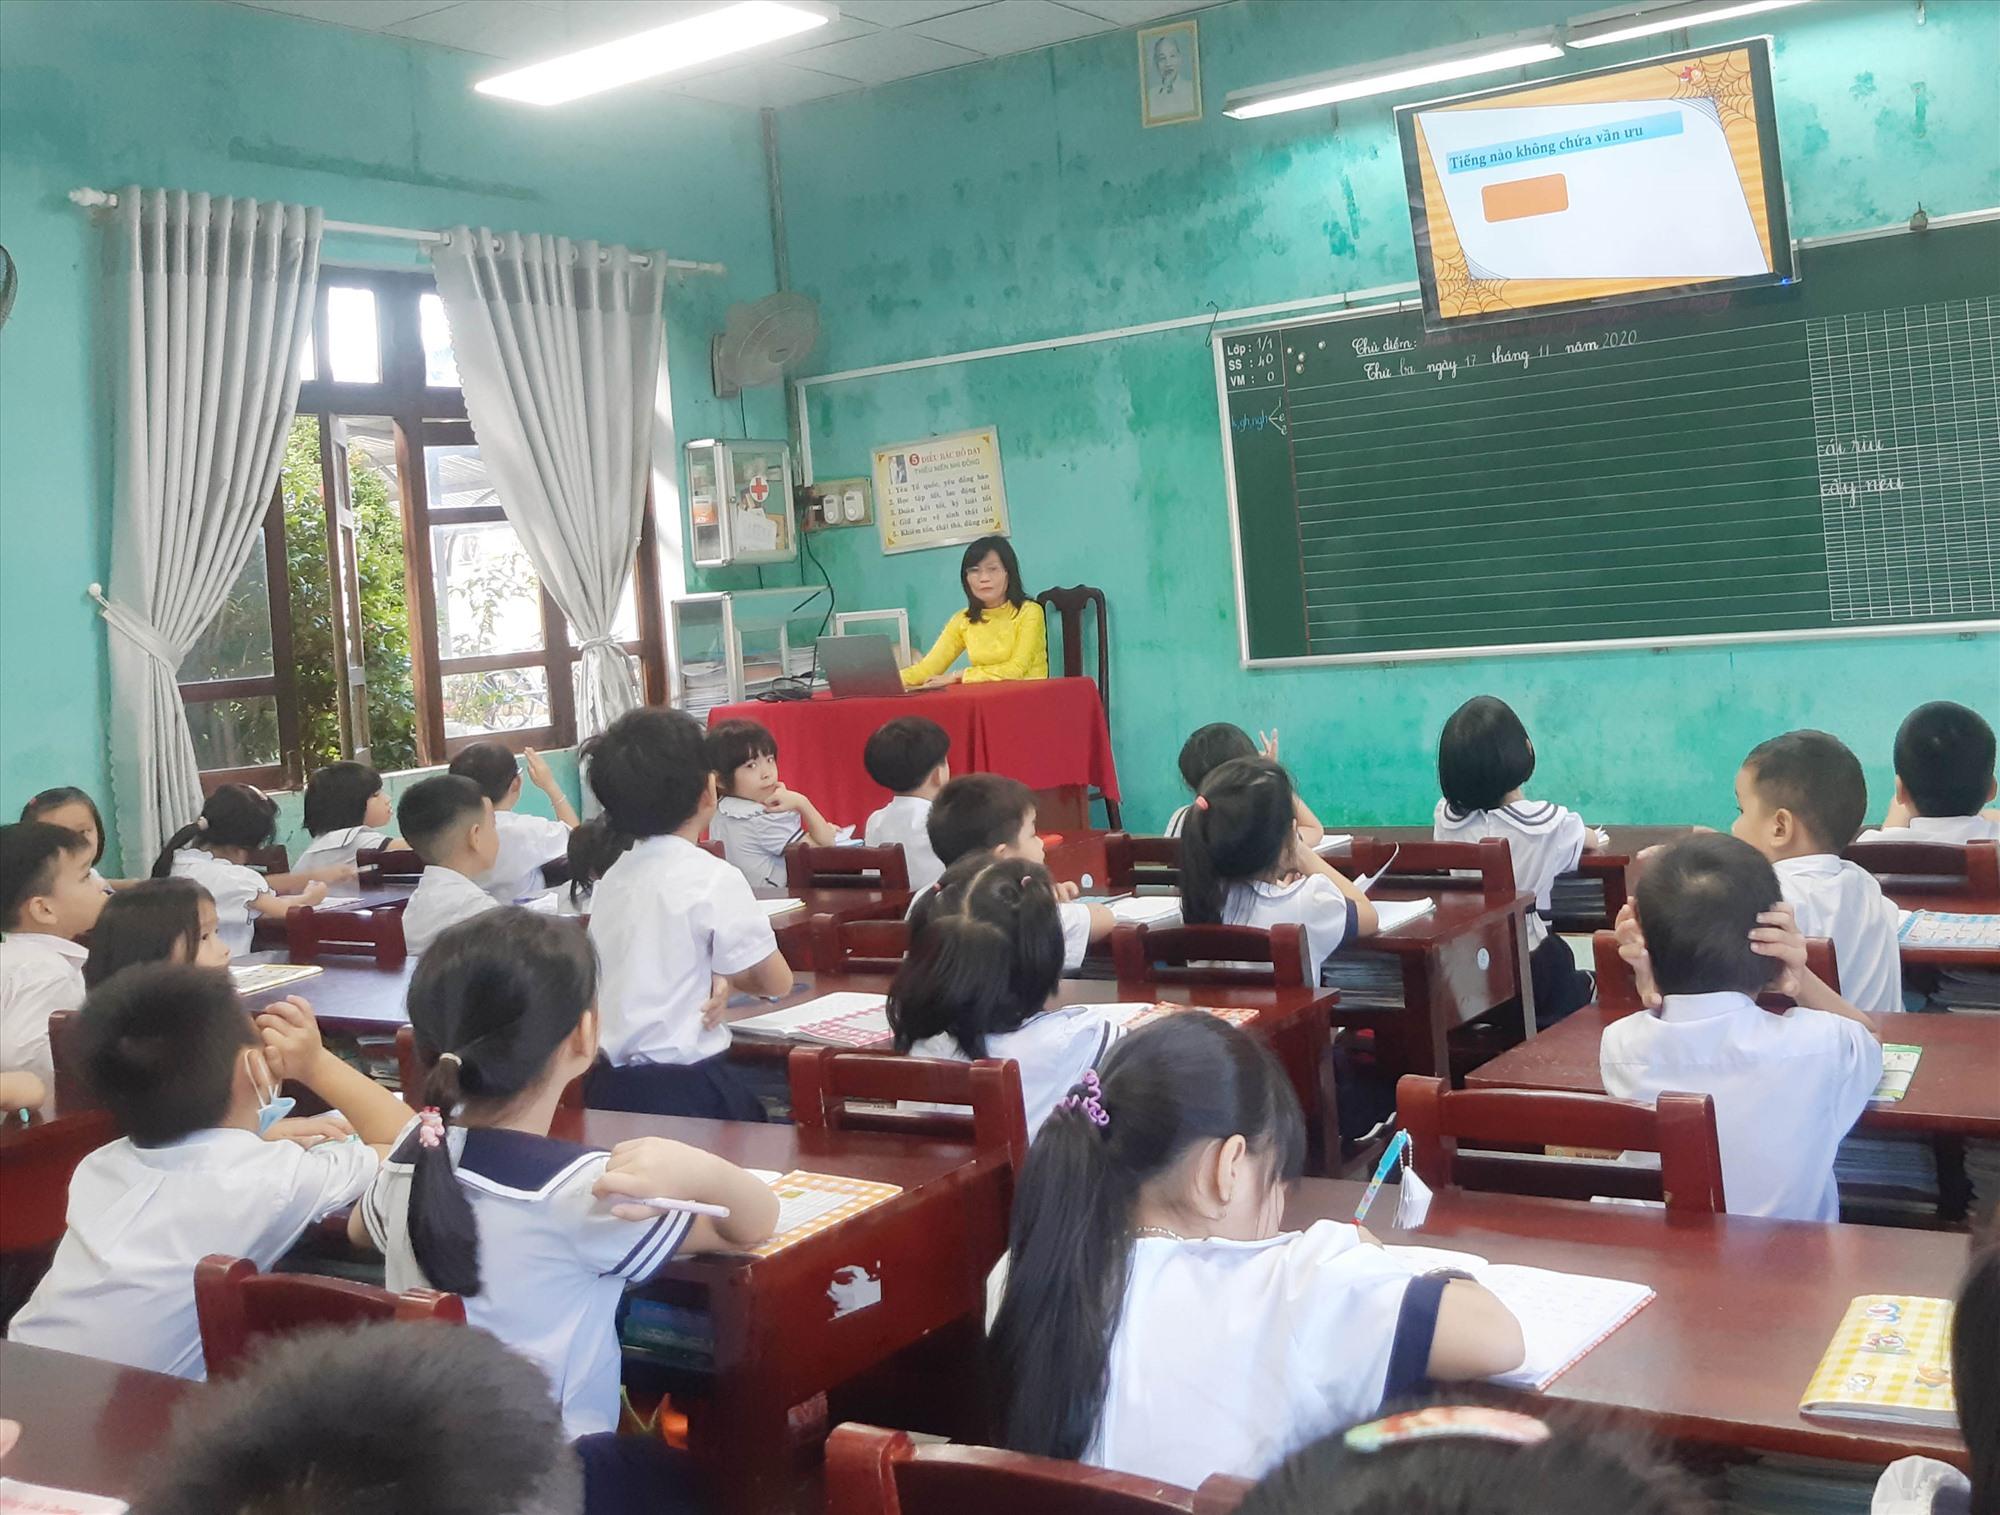 """Lớp học lắp đặt mô hình """"Ánh sáng thông minh"""" tại Trường TH Sơn Phong (Hội An). Ảnh: H.L"""